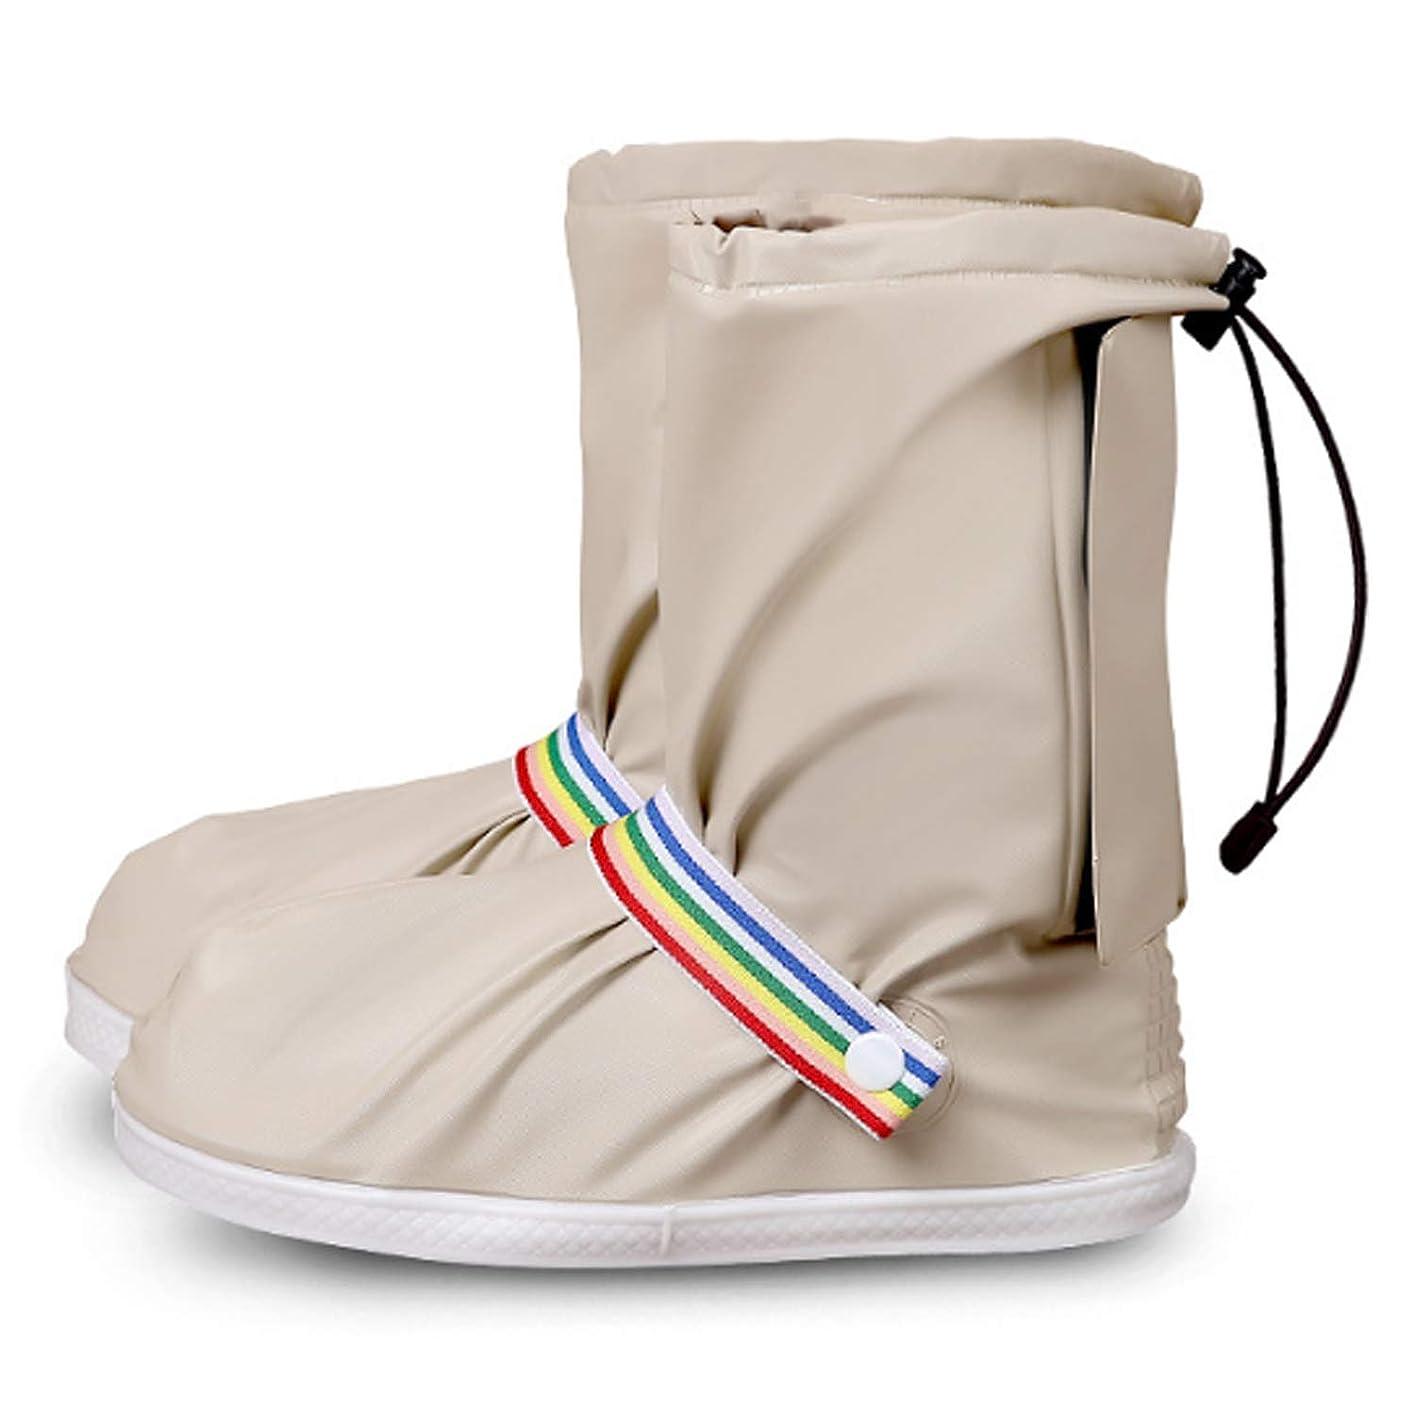 与えるに渡って取り替える[JOUDOO] シューズカバー 靴カバー 靴の保護 レインブーツ ブーツカバー ロードバイク レインシューズ 雨 泥避け 完全防水 滑り止め 超軽量 台風対策 通勤通学 男女兼用